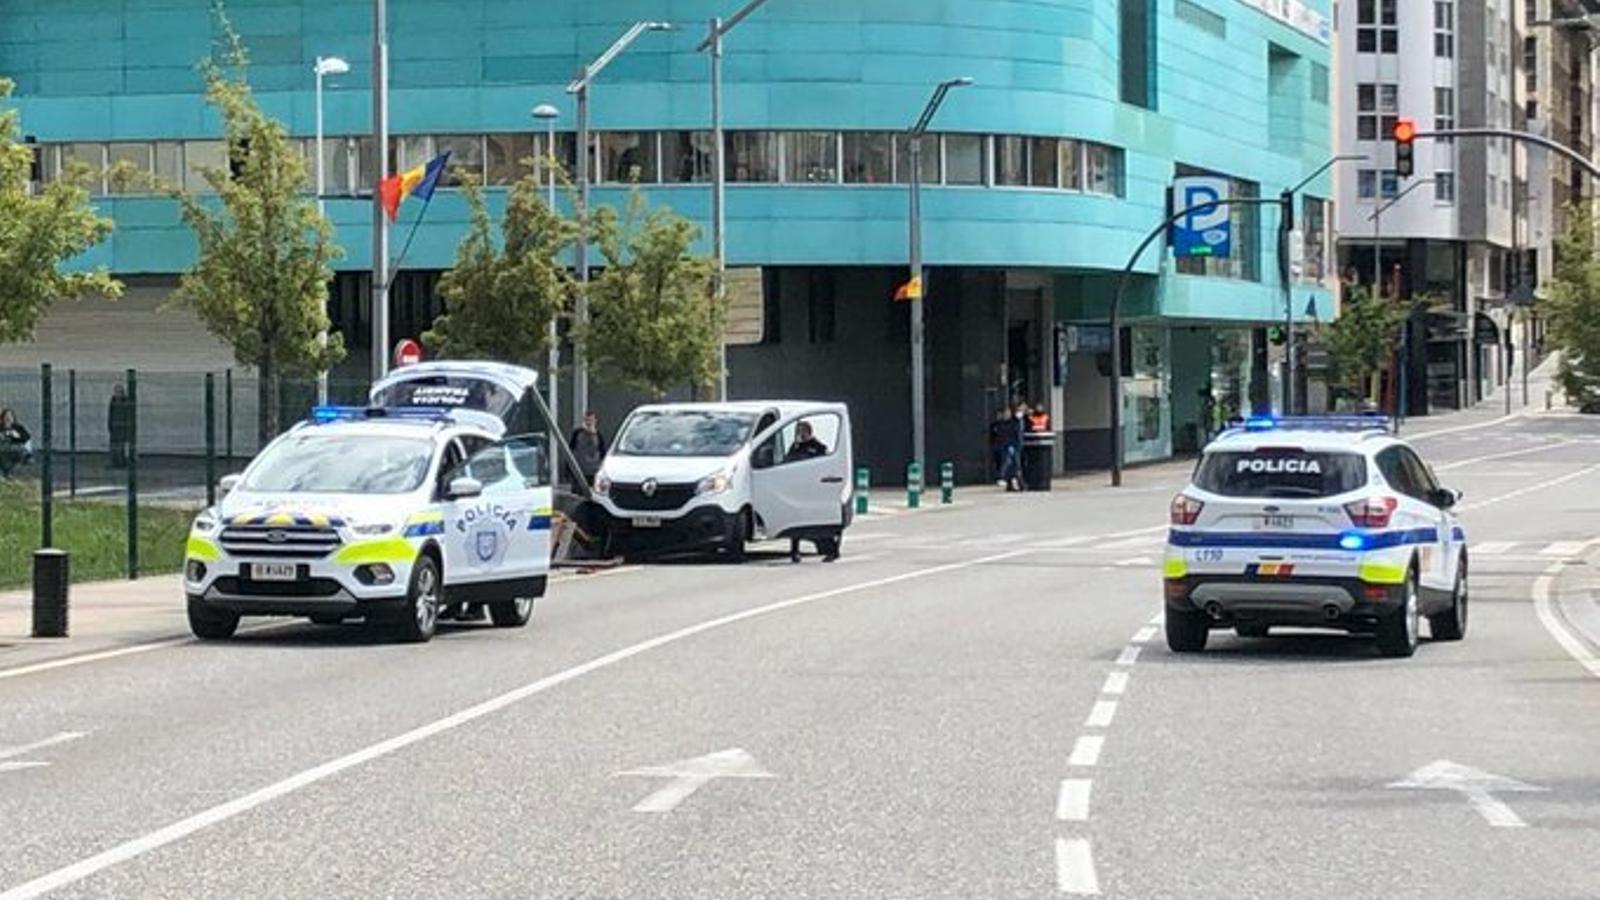 La policia al lloc de l'atropellament. / POLICIA D'ANDORRA